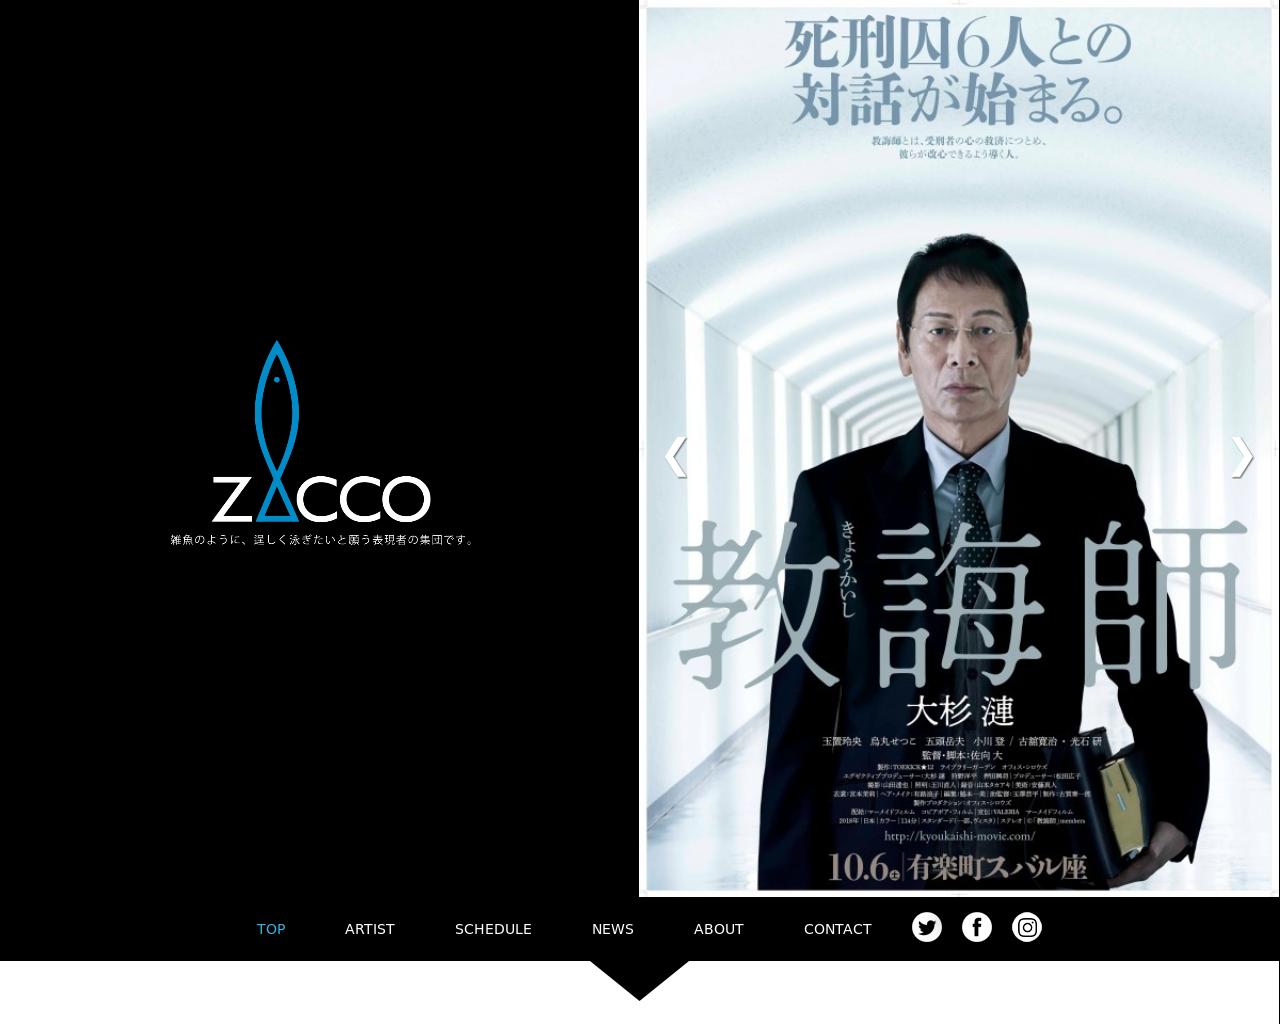 zacco.co.jp(2018/04/15 10:50:39)